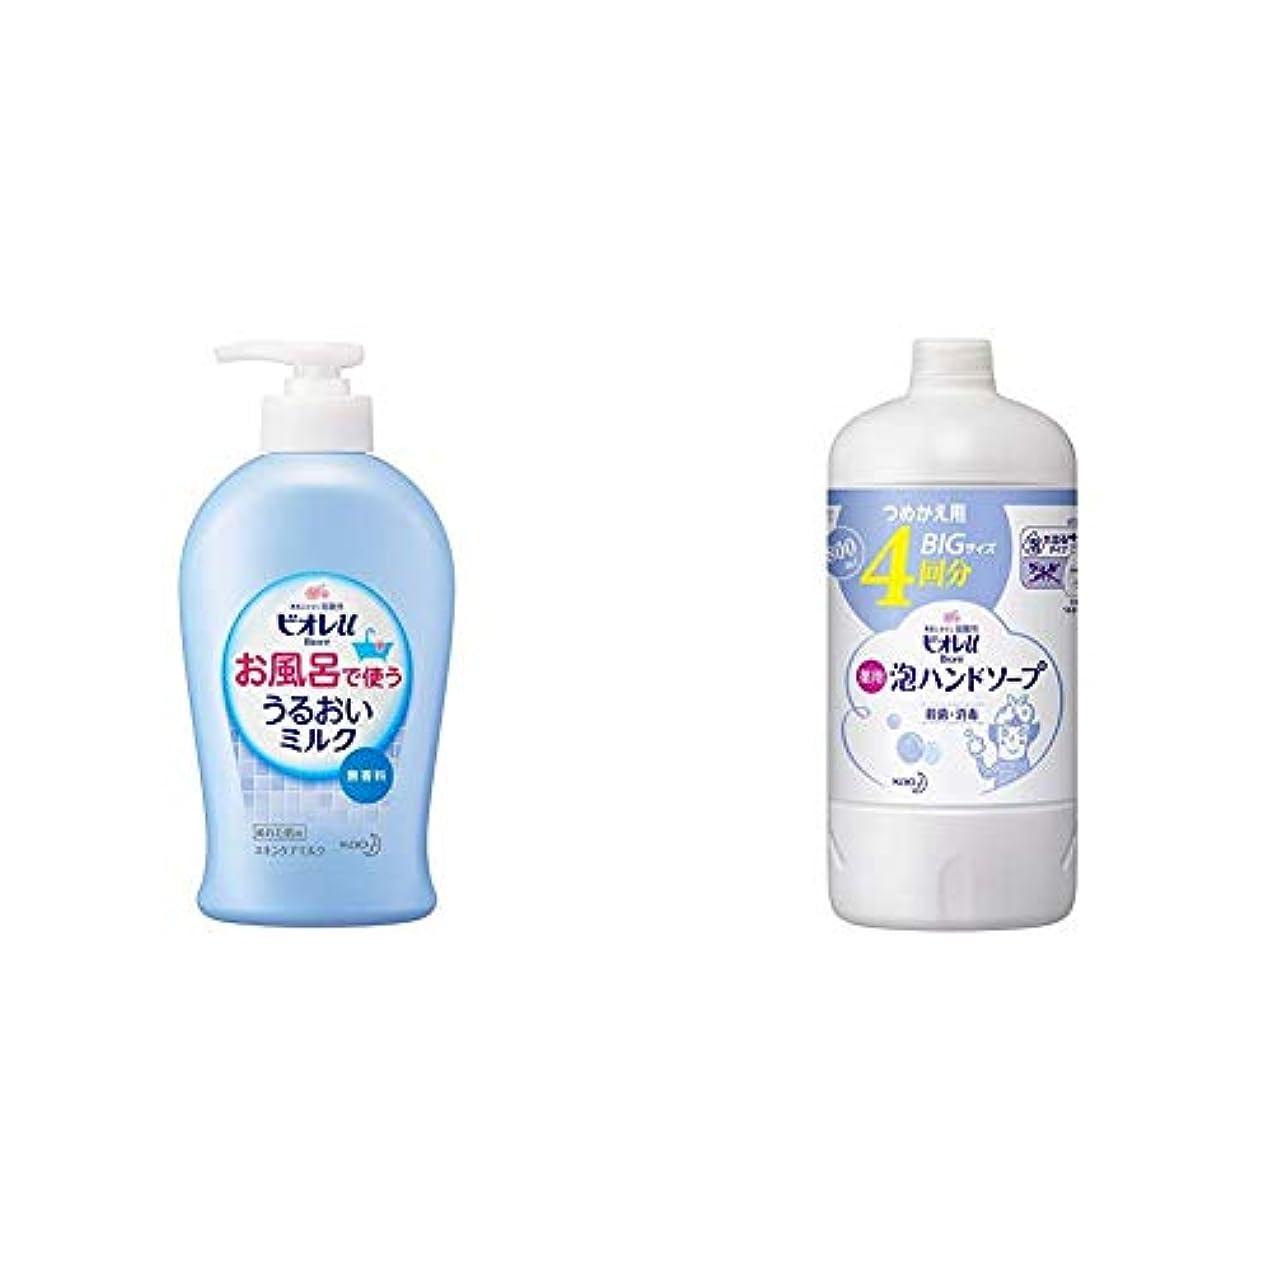 シーズンシェルター貞ビオレu お風呂で使ううるおいミルク 無香料 & 泡ハンドソープ つめかえ用 800ml